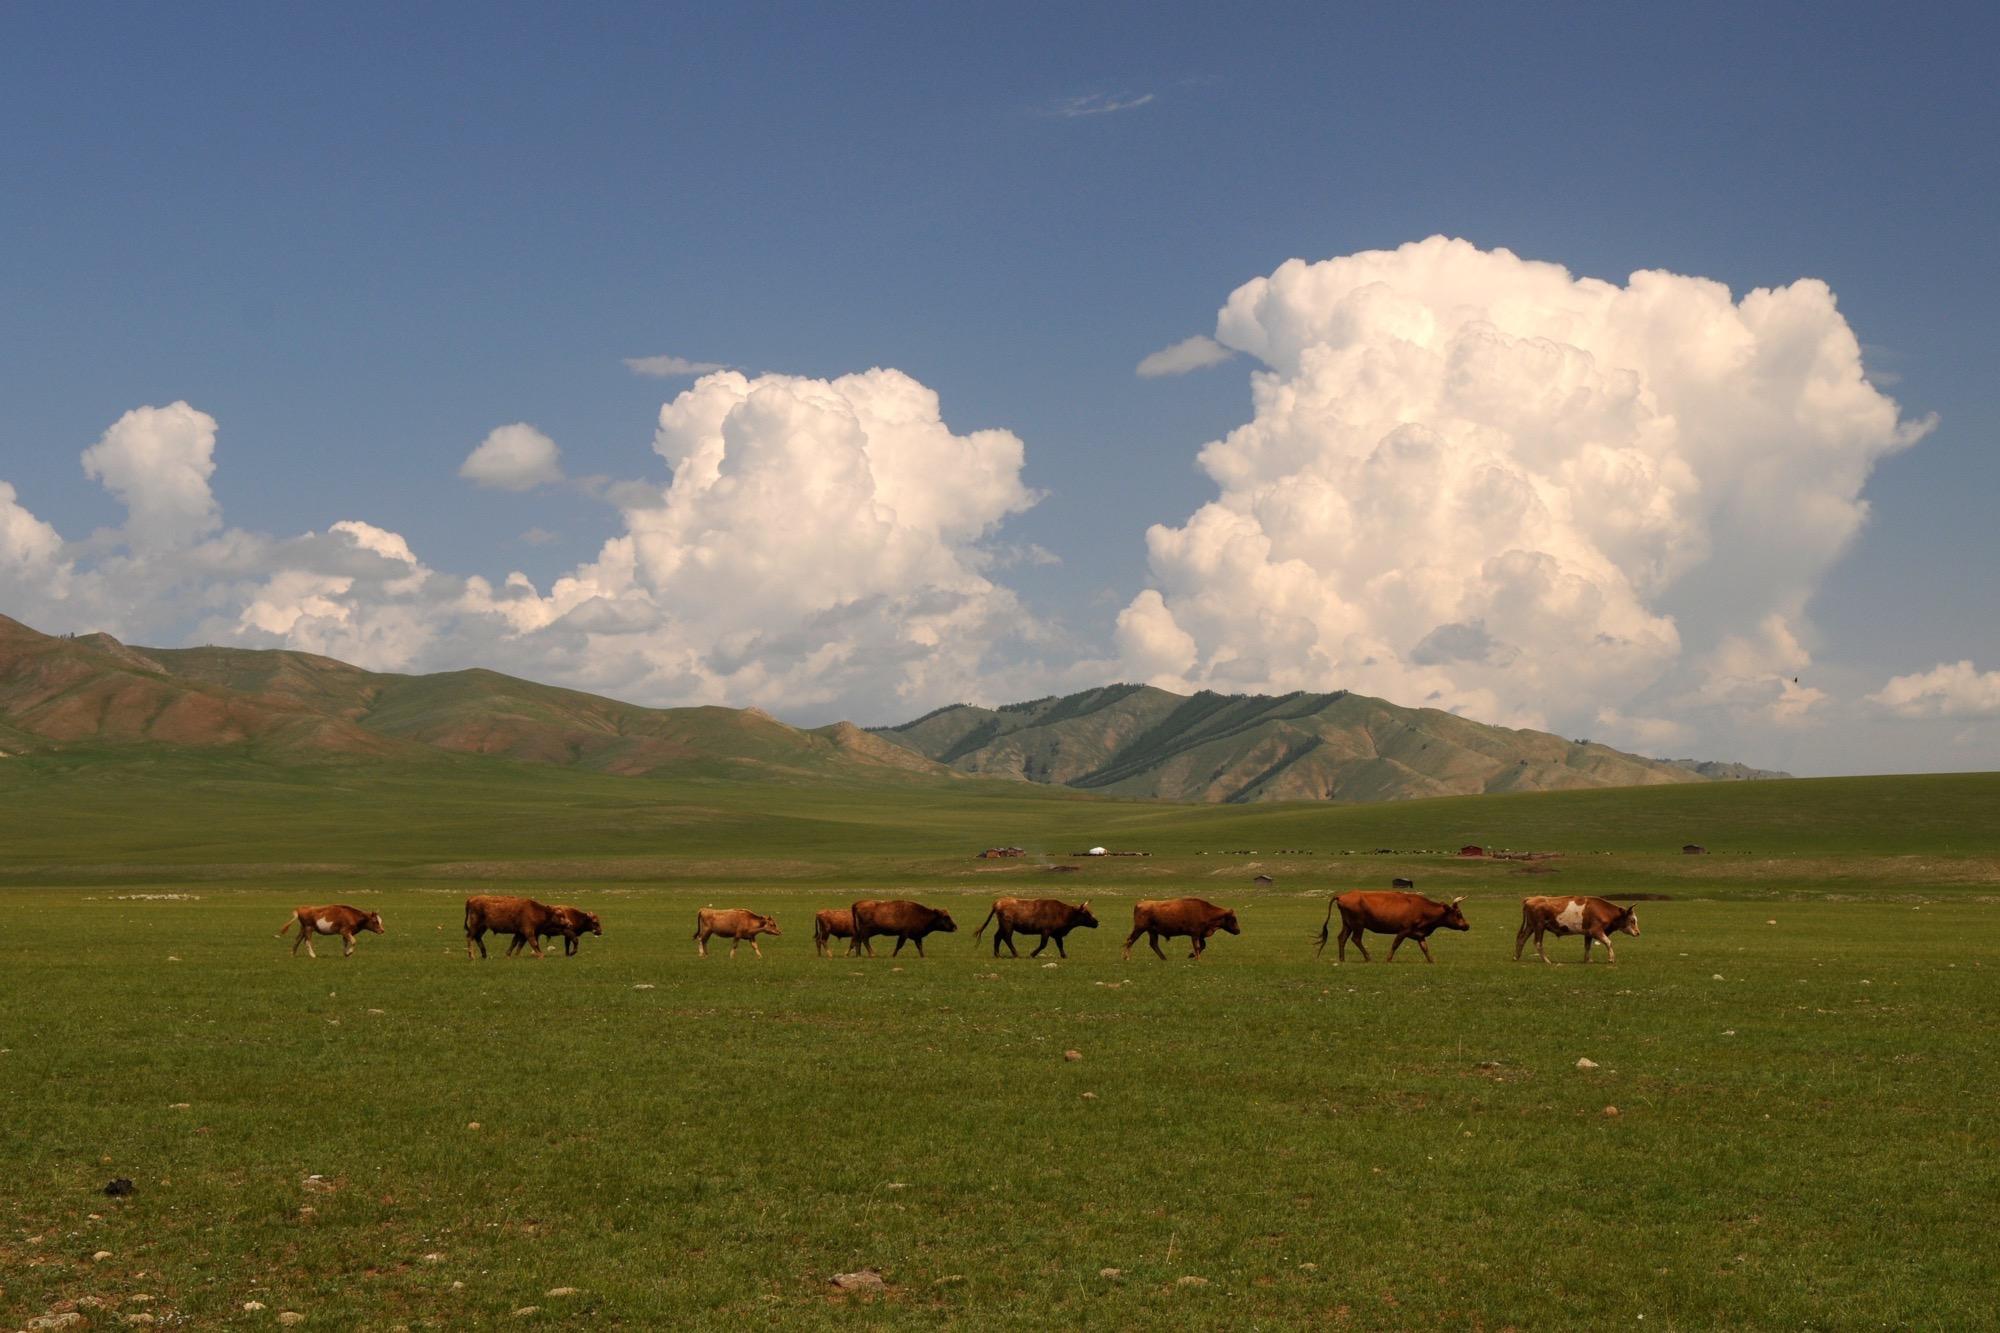 Llanuras de Mongolia